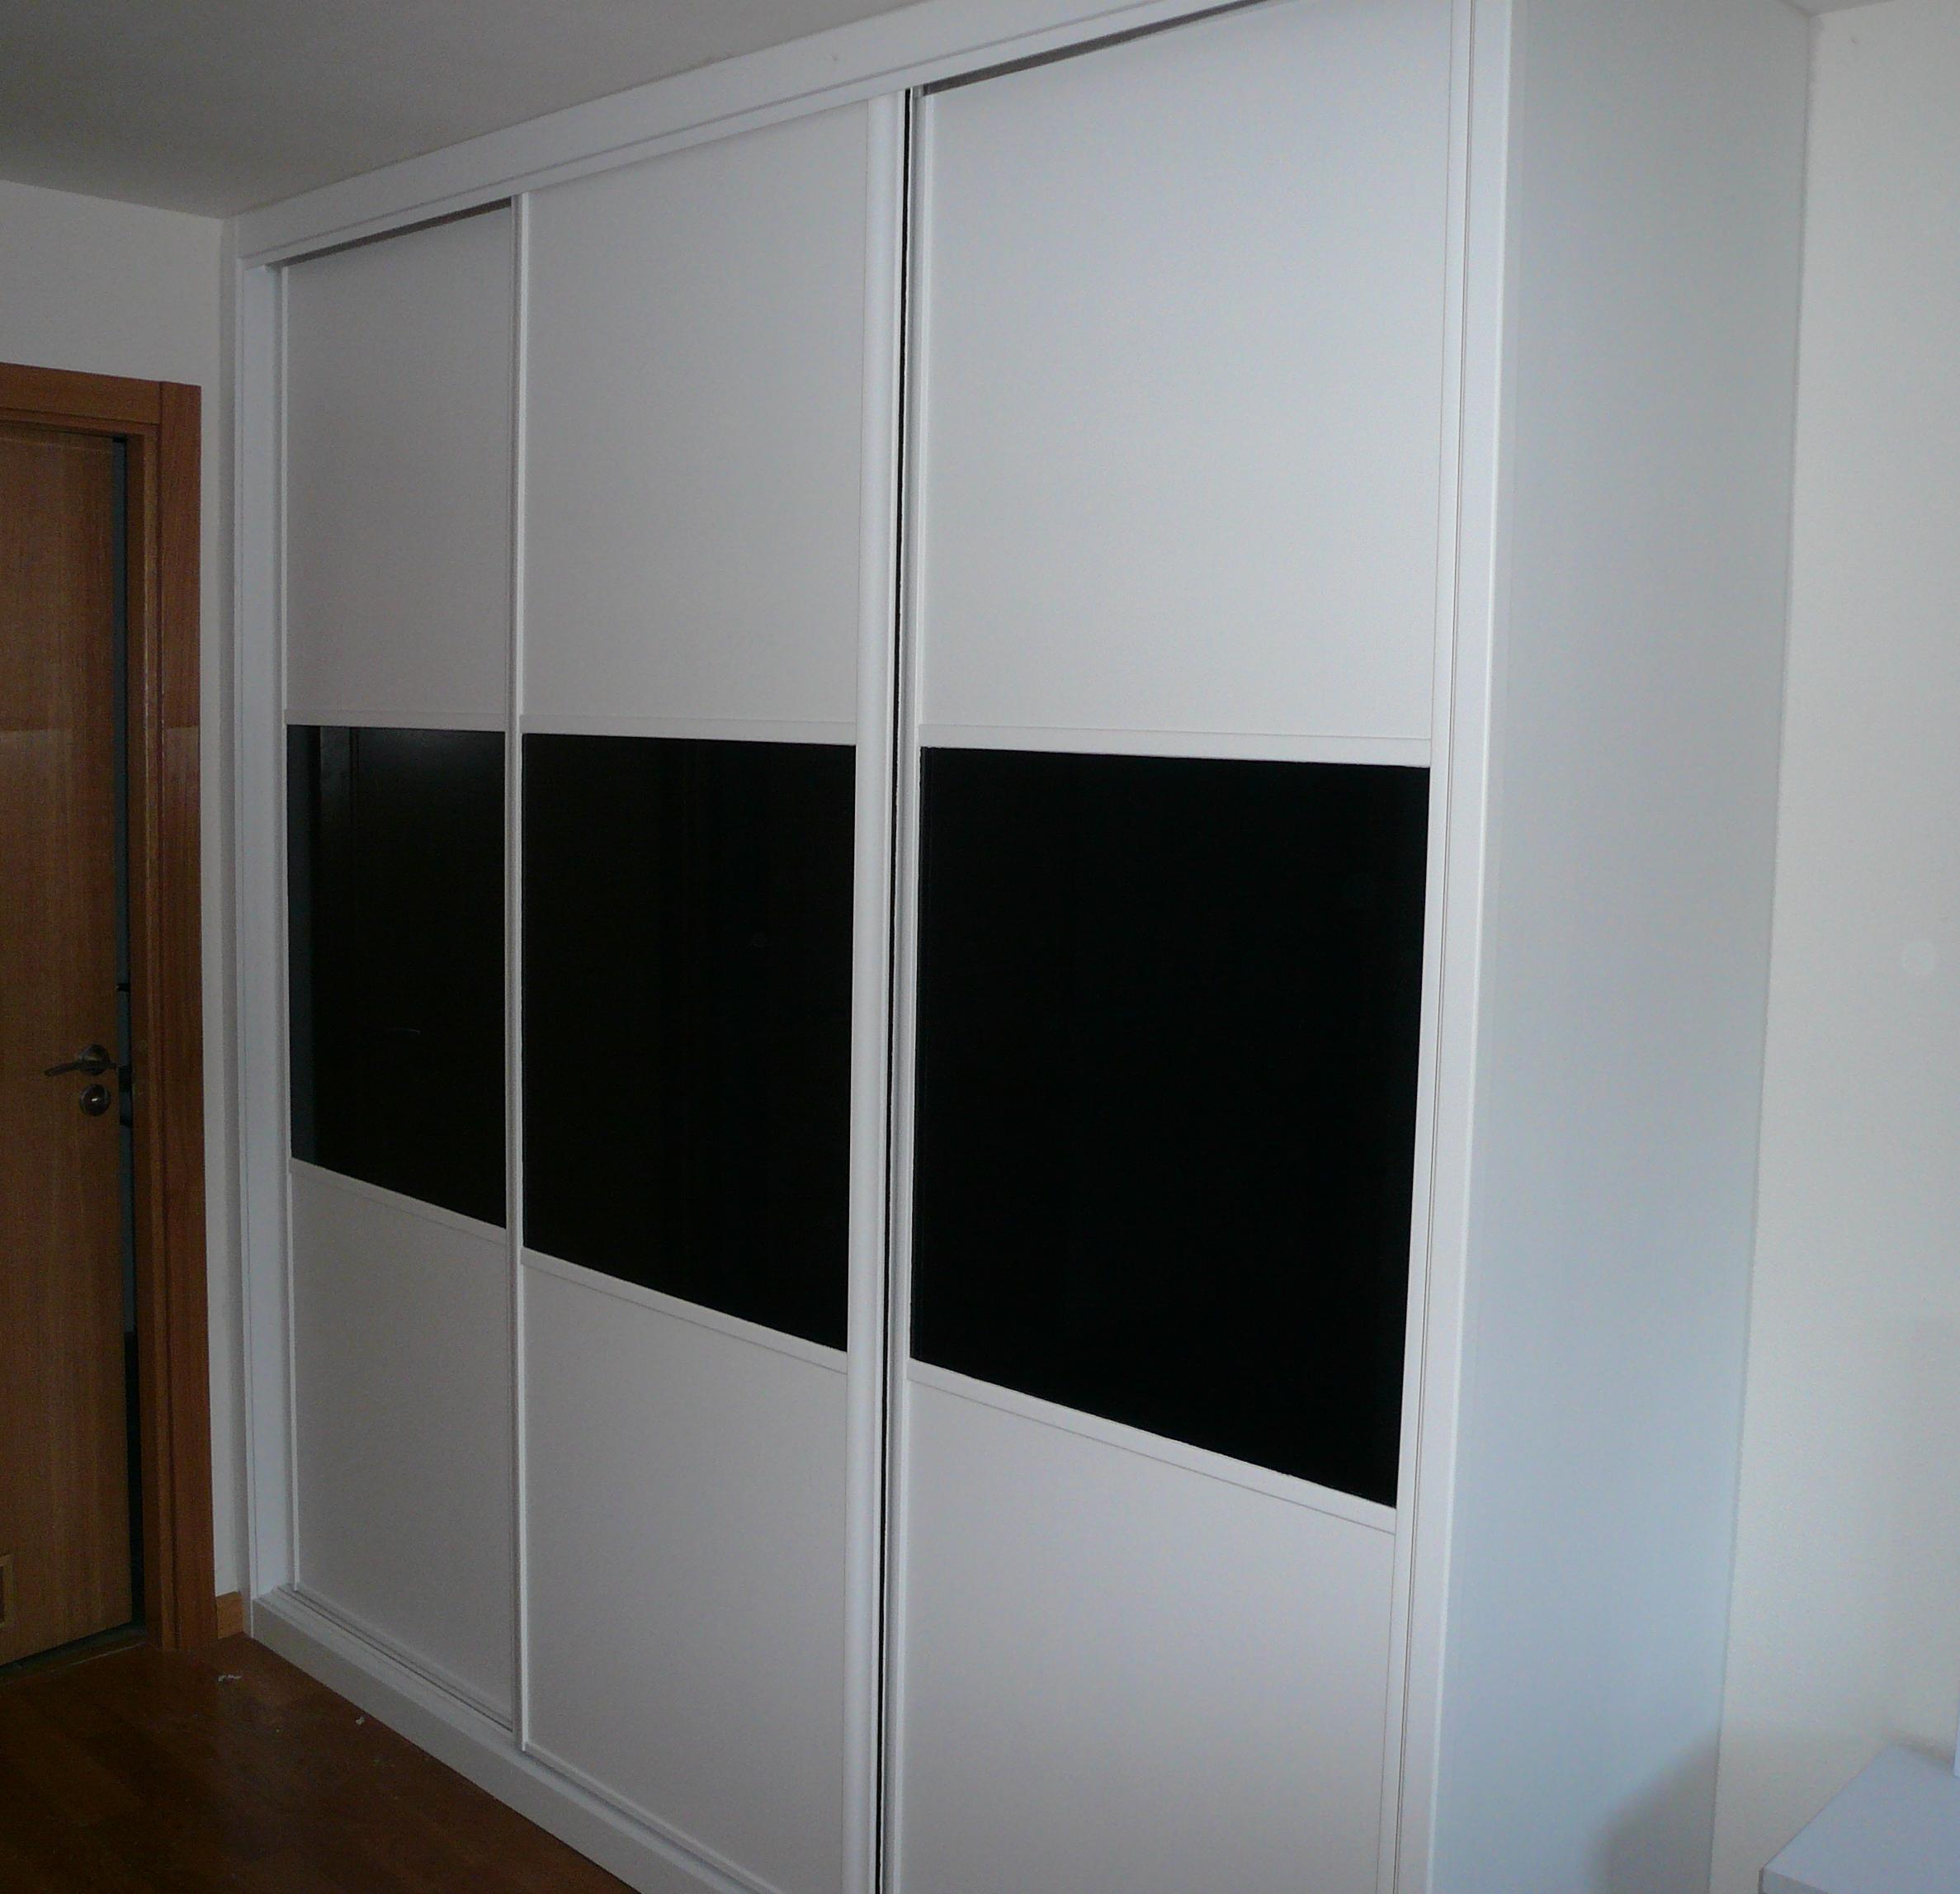 Armario blanco con puertas correderas carpinter a en - Armarios de madera con puertas correderas ...